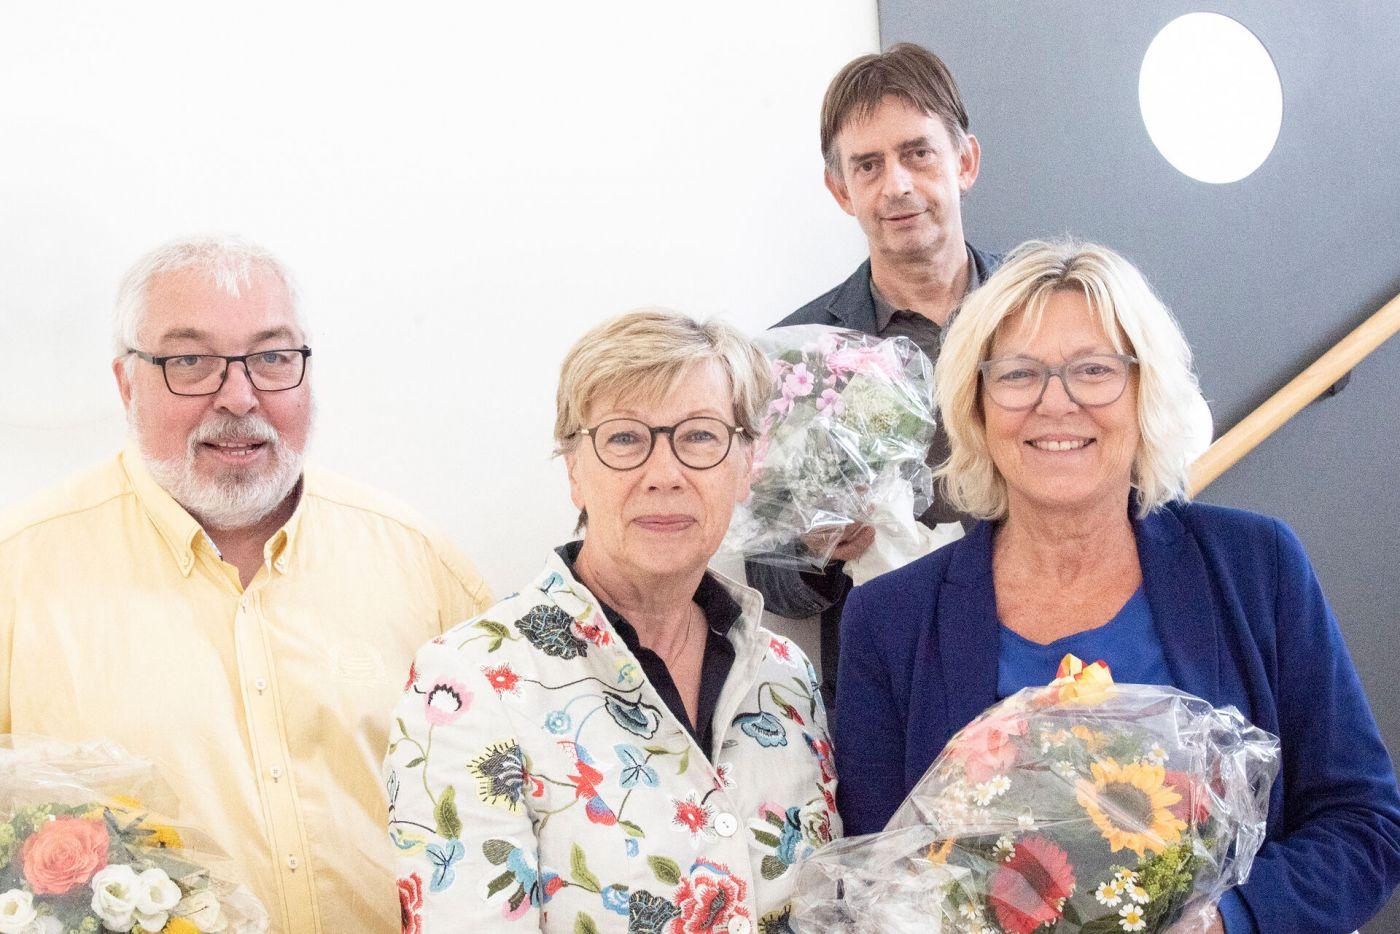 Gruppenbild mit zwei Professoren und einer Professorin sowie der Präsidentin (Foto: Pressestelle/Anne Holtkötter)